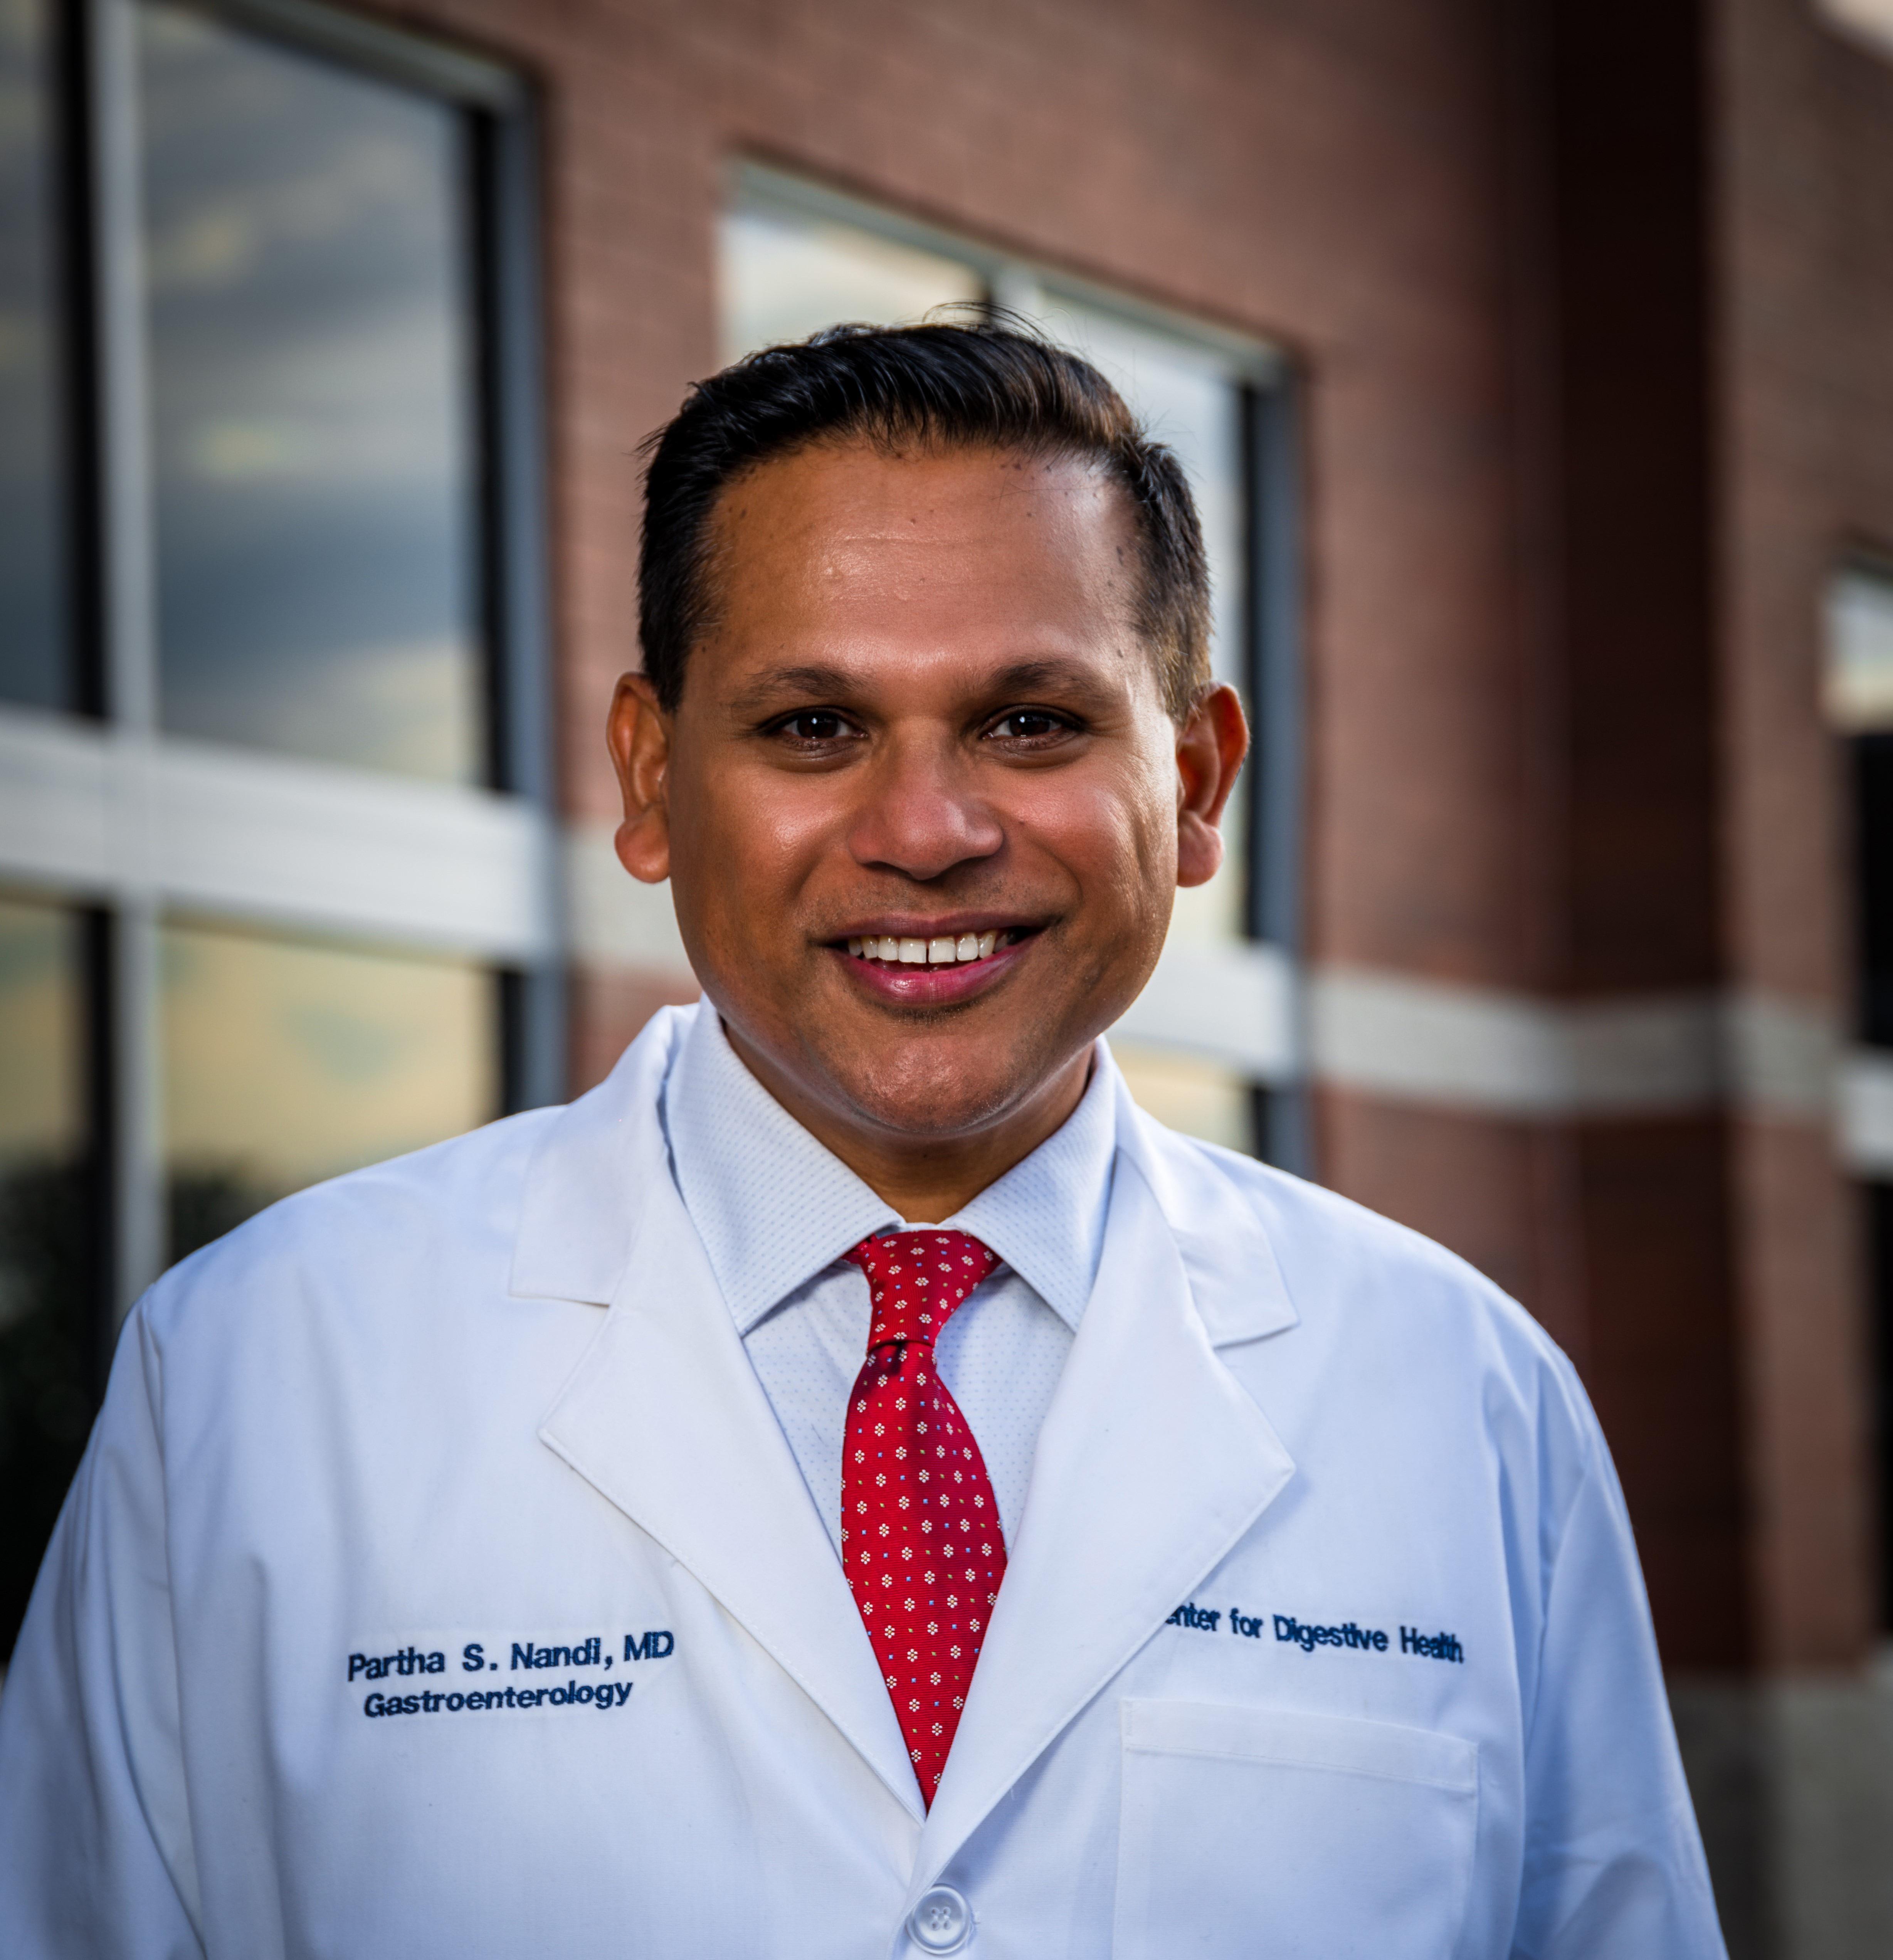 Dr. Partha S Nandi MD